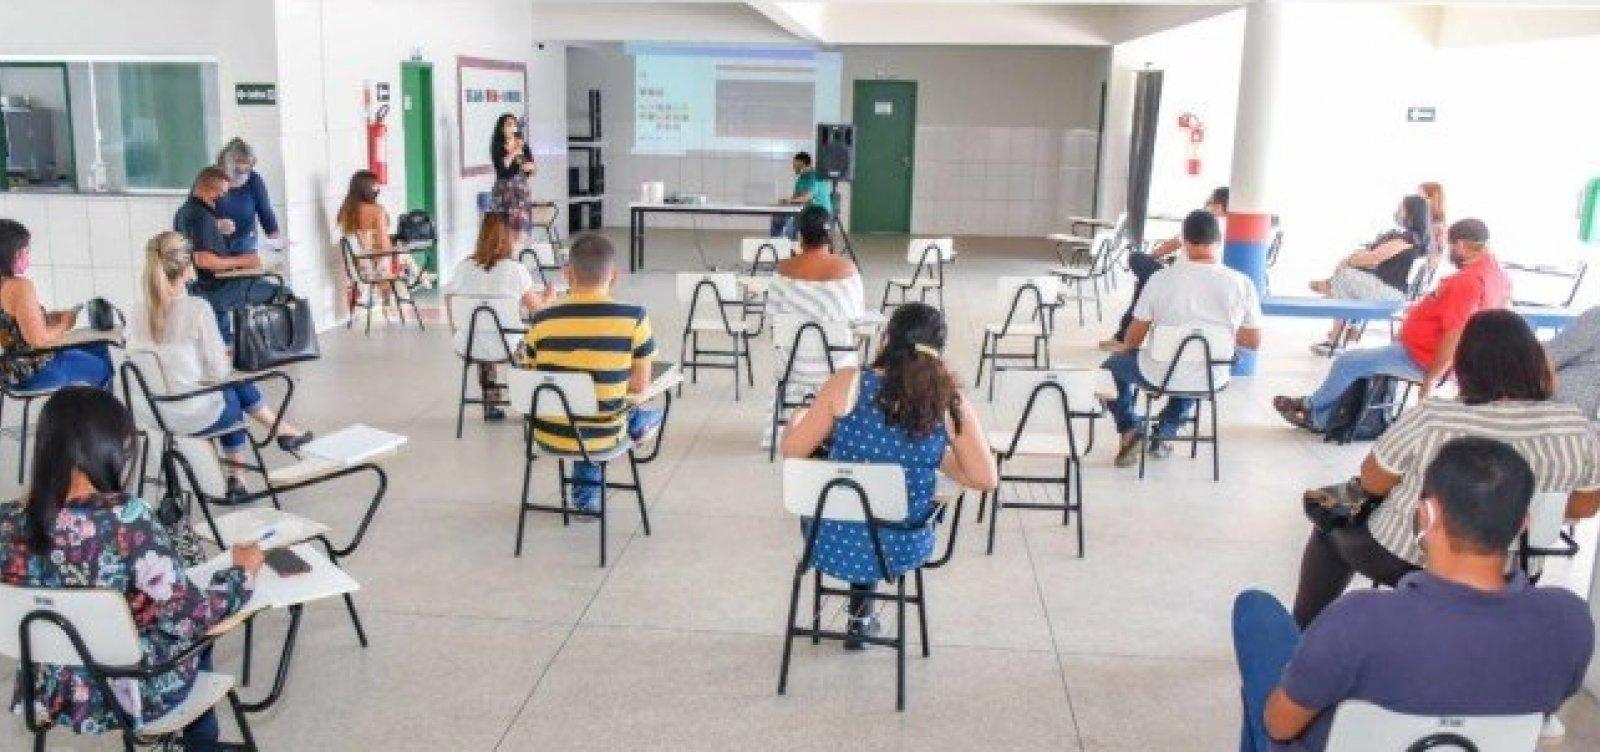 Prefeitura de Porto Seguro anuncia início de aulas remotas na rede municipal em março